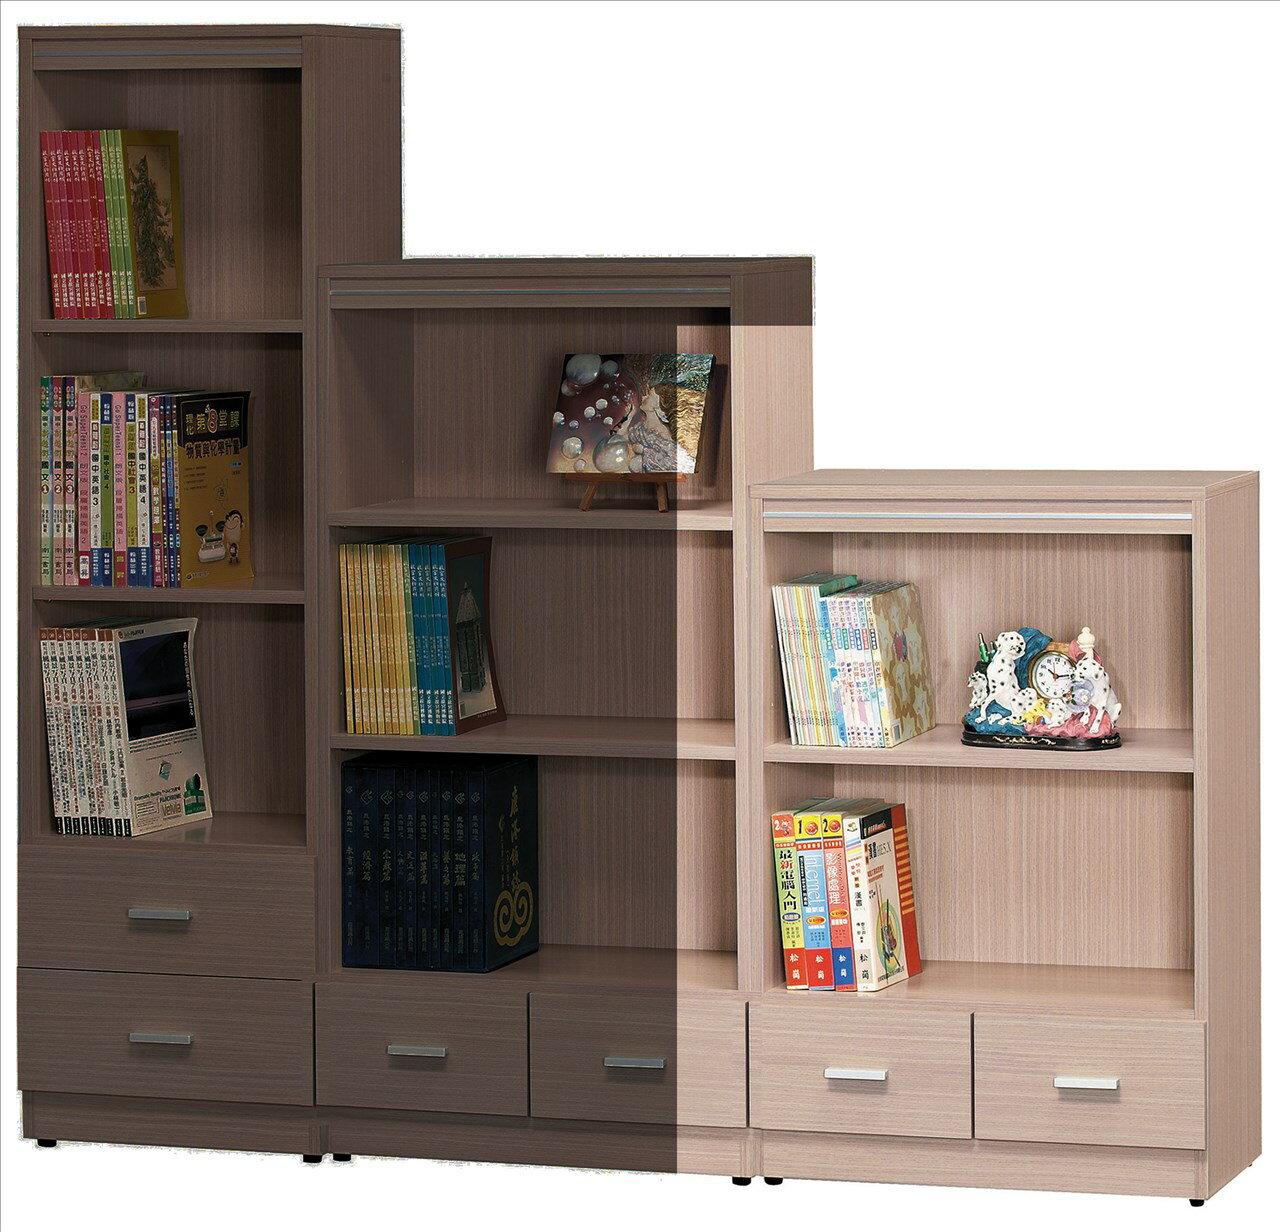 【石川家居】EF-271-1 森永白橡2*3尺書櫃 (不含其他商品) 需搭配車趟